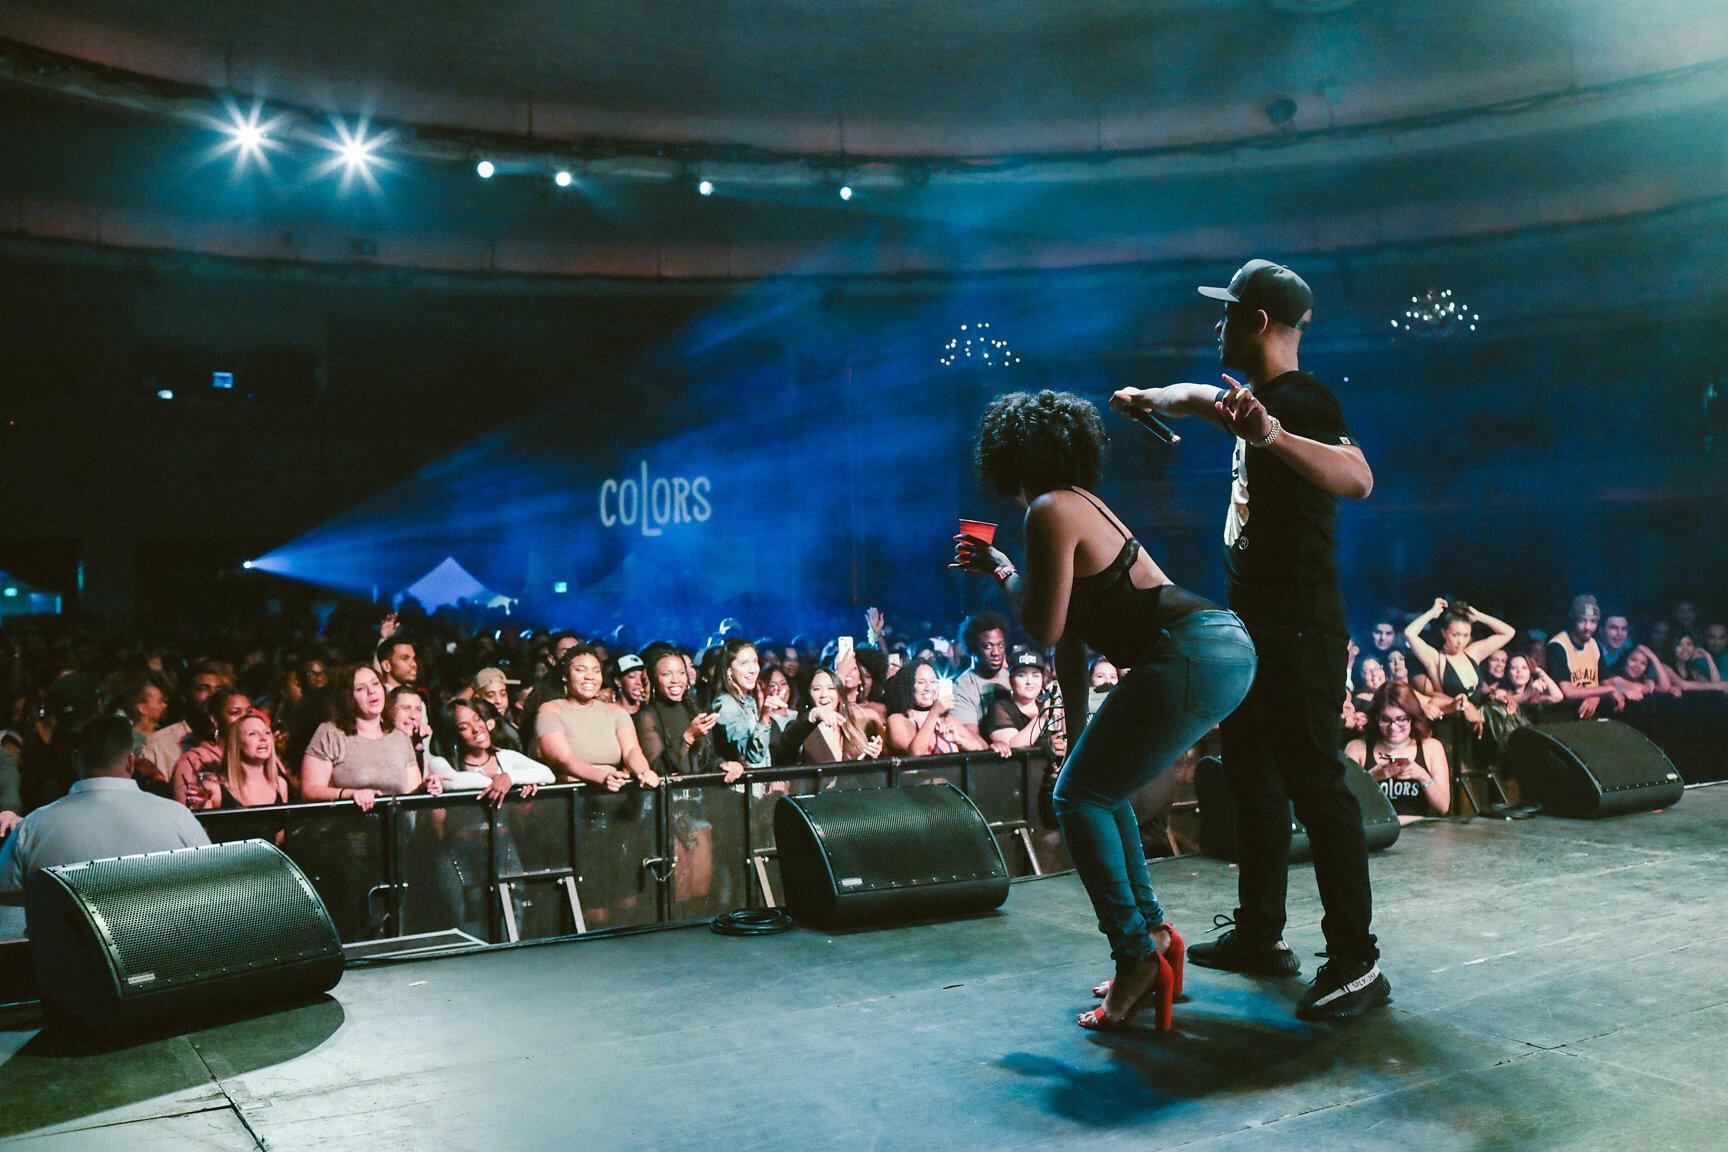 COLORS Presents: R&B ONLY (San Francisco, CA)